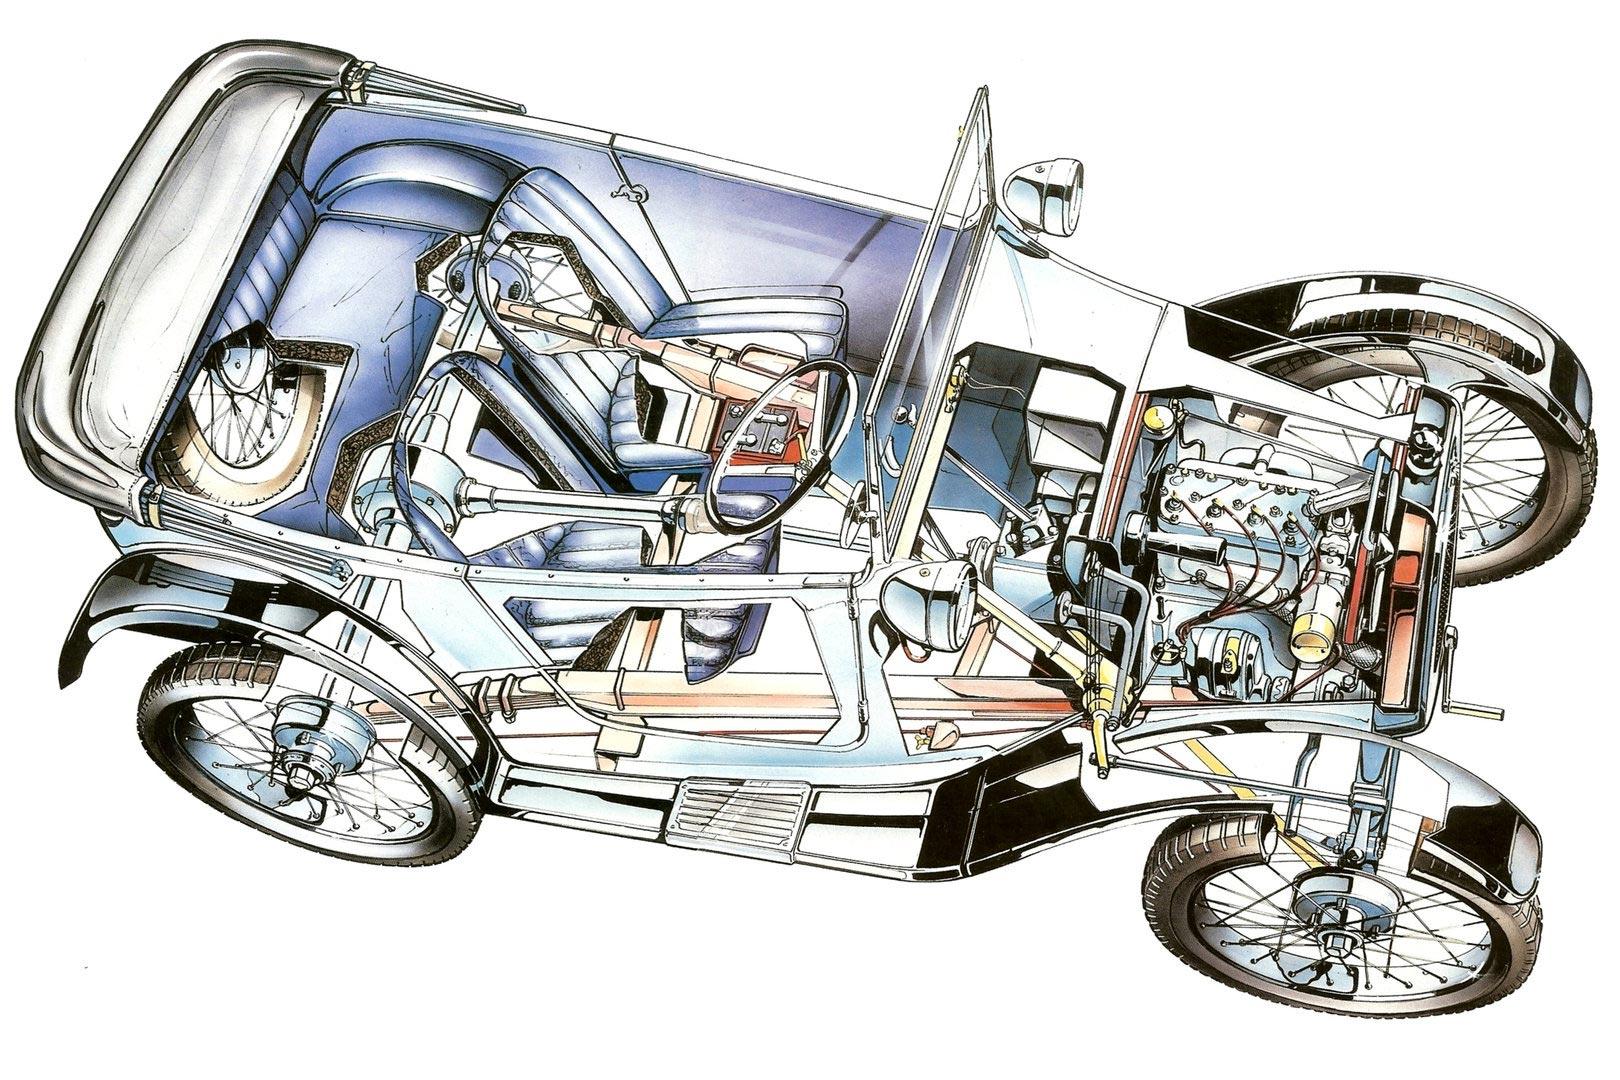 Austin 7 cutaway drawing